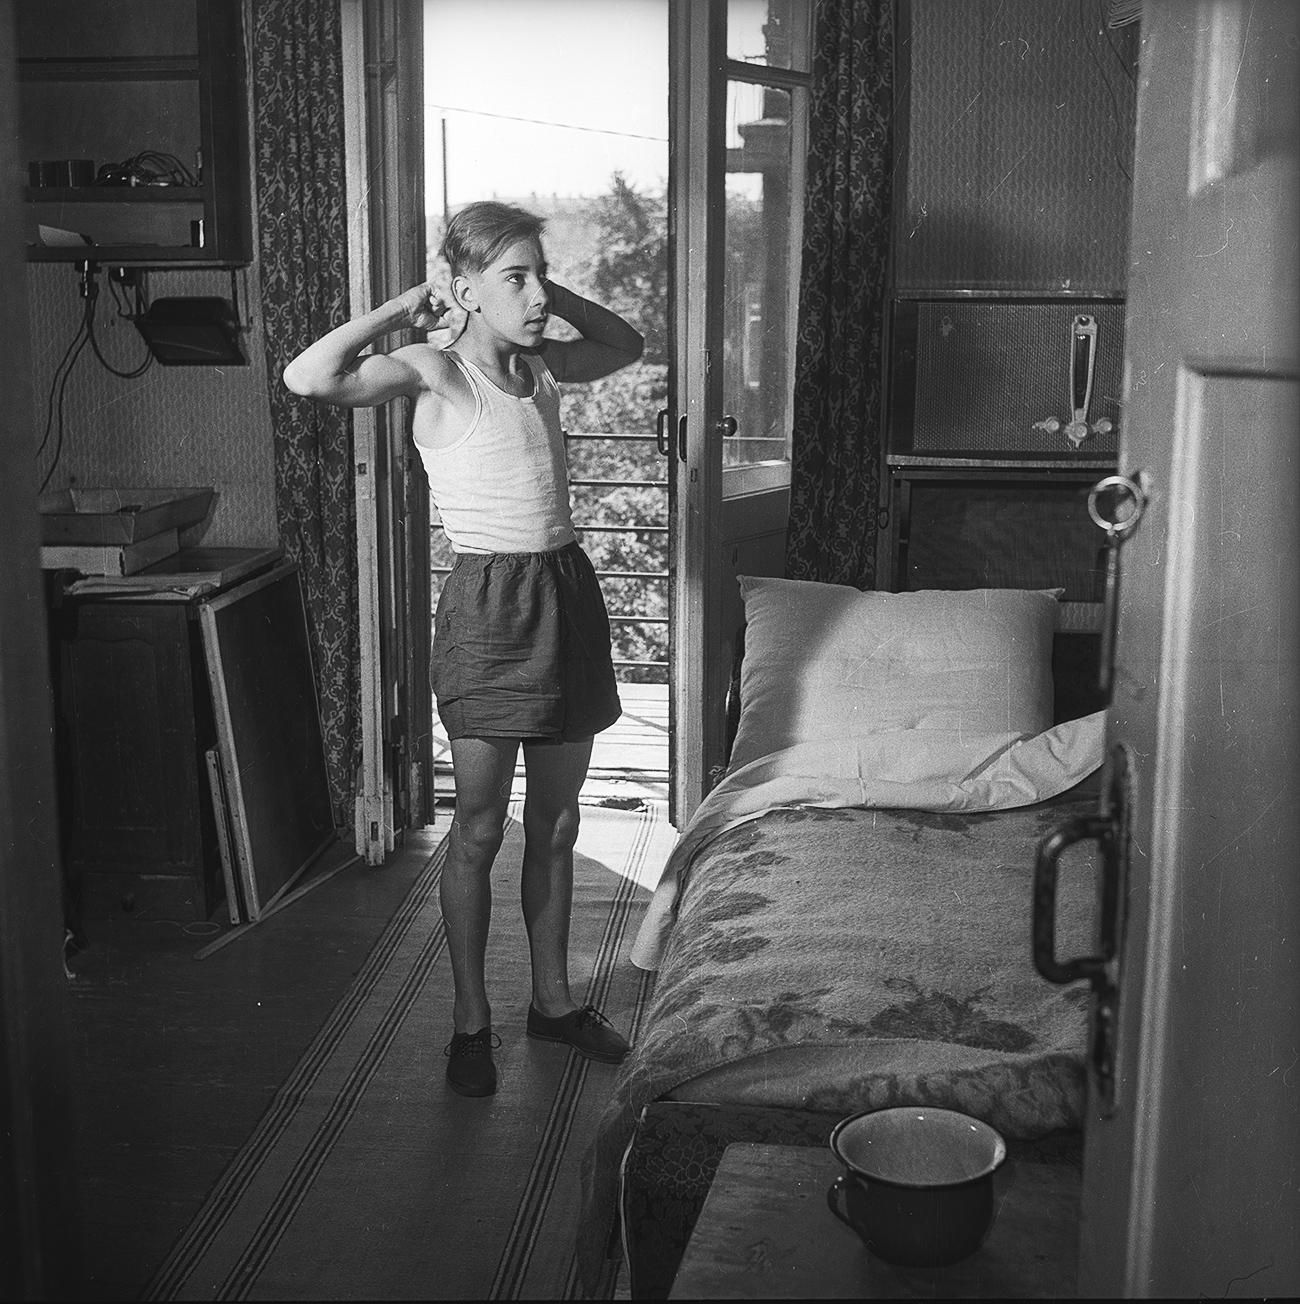 「ヴォヴカの隣の。モスクワの朝」エヴゲニー・ハルデイ作、1956 年=マルチメディア・アート美術館